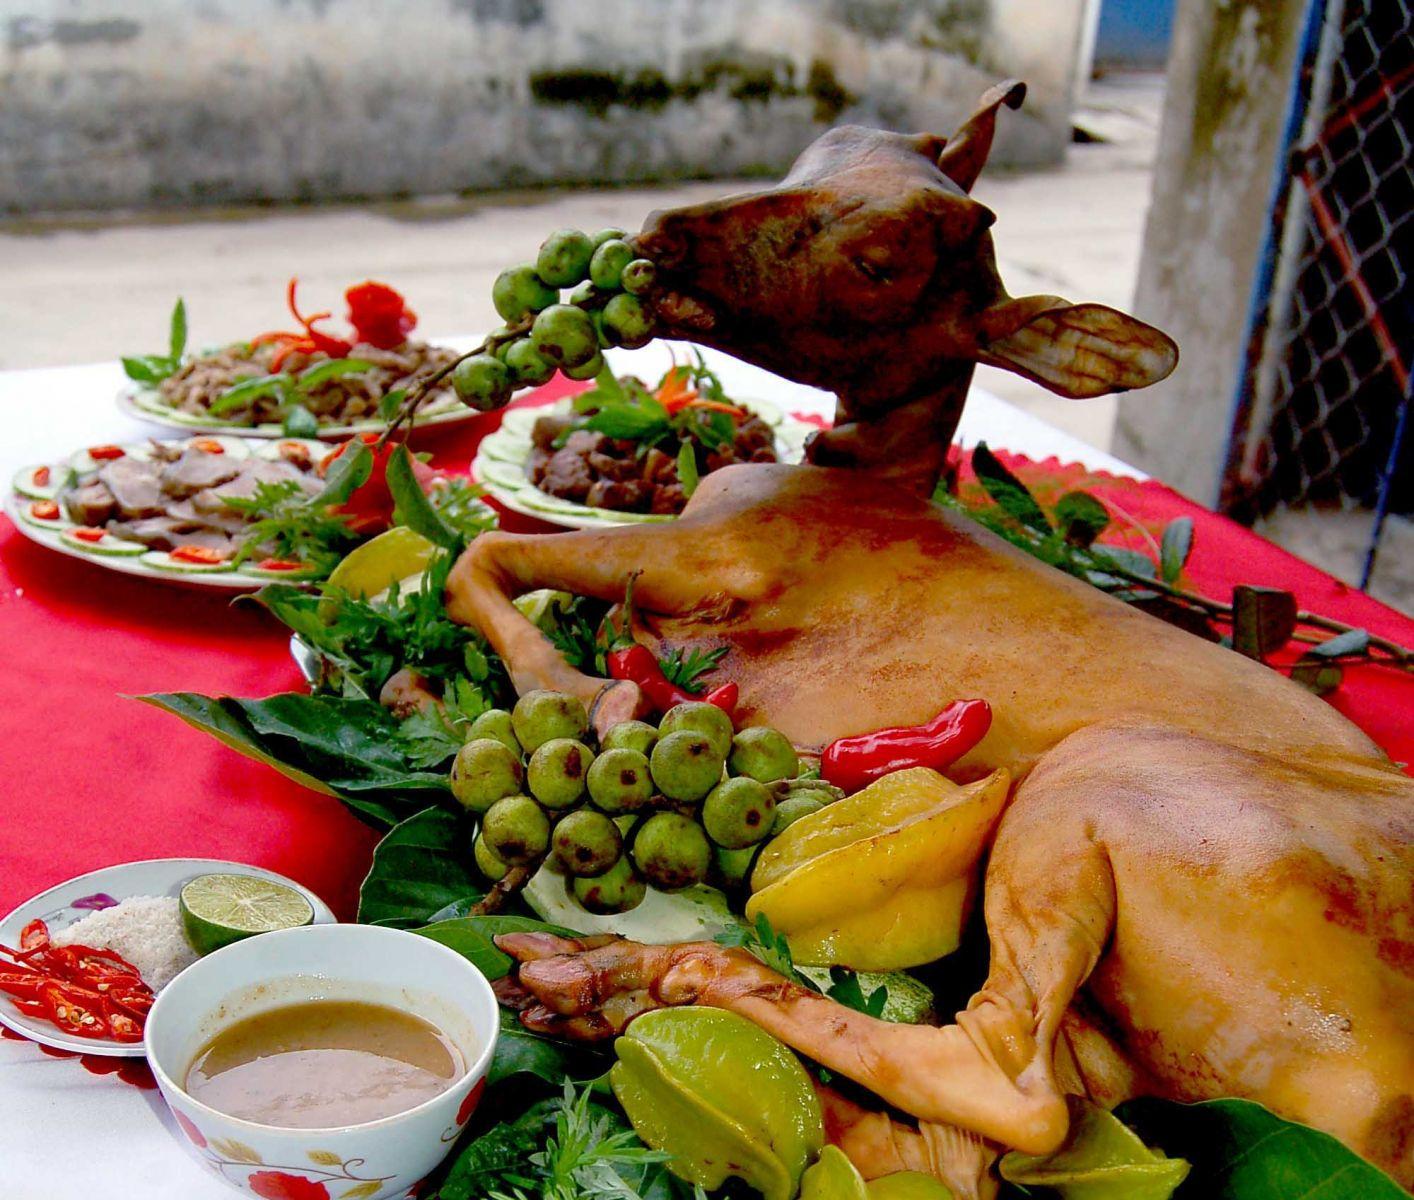 Thịt bò mỹ nhà cung cấp thịt bò: Cách Chế Biến Dê Và Làm Thịt Dê Sao Cho Không Hôi